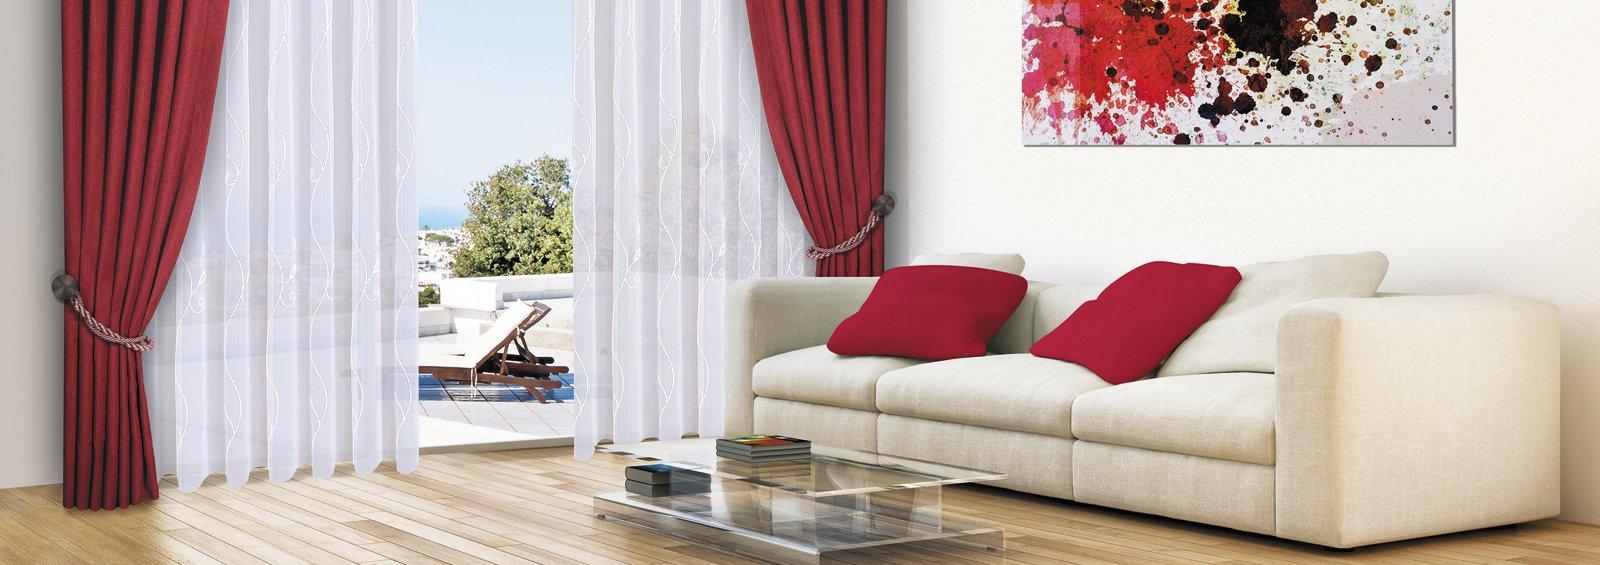 Full Size of Gardinen Doppelfenster Vorhnge Gnstig Online Kaufen Für Die Küche Wohnzimmer Fenster Schlafzimmer Scheibengardinen Wohnzimmer Gardinen Doppelfenster